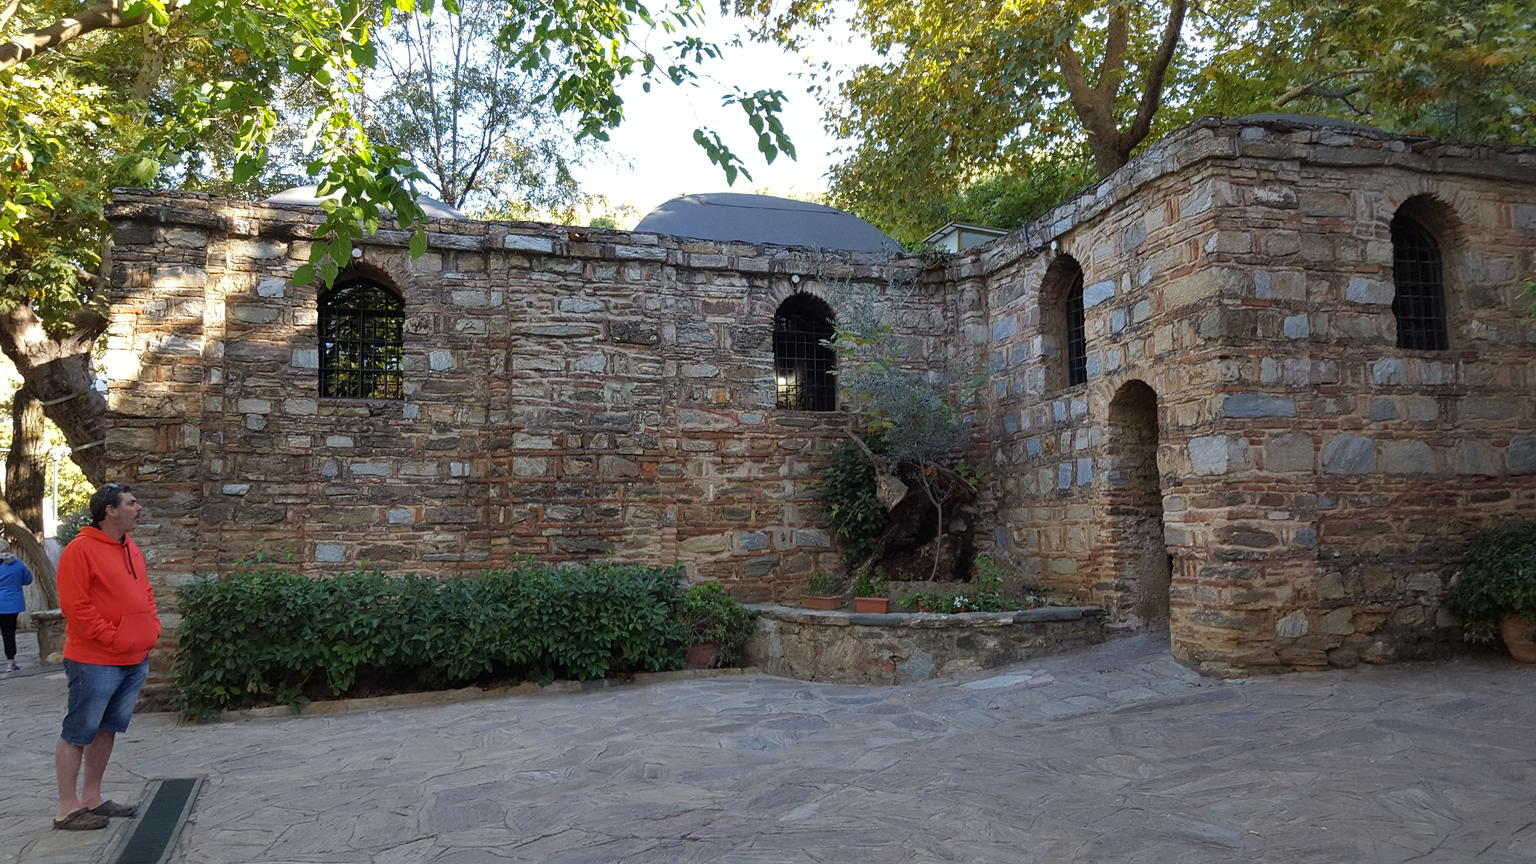 MAIS FOTOS, Excursão com o melhor de Éfeso saindo de Kusadasi: Templo de Artemis, Basílica de São João, Mesquita de Isa Bey